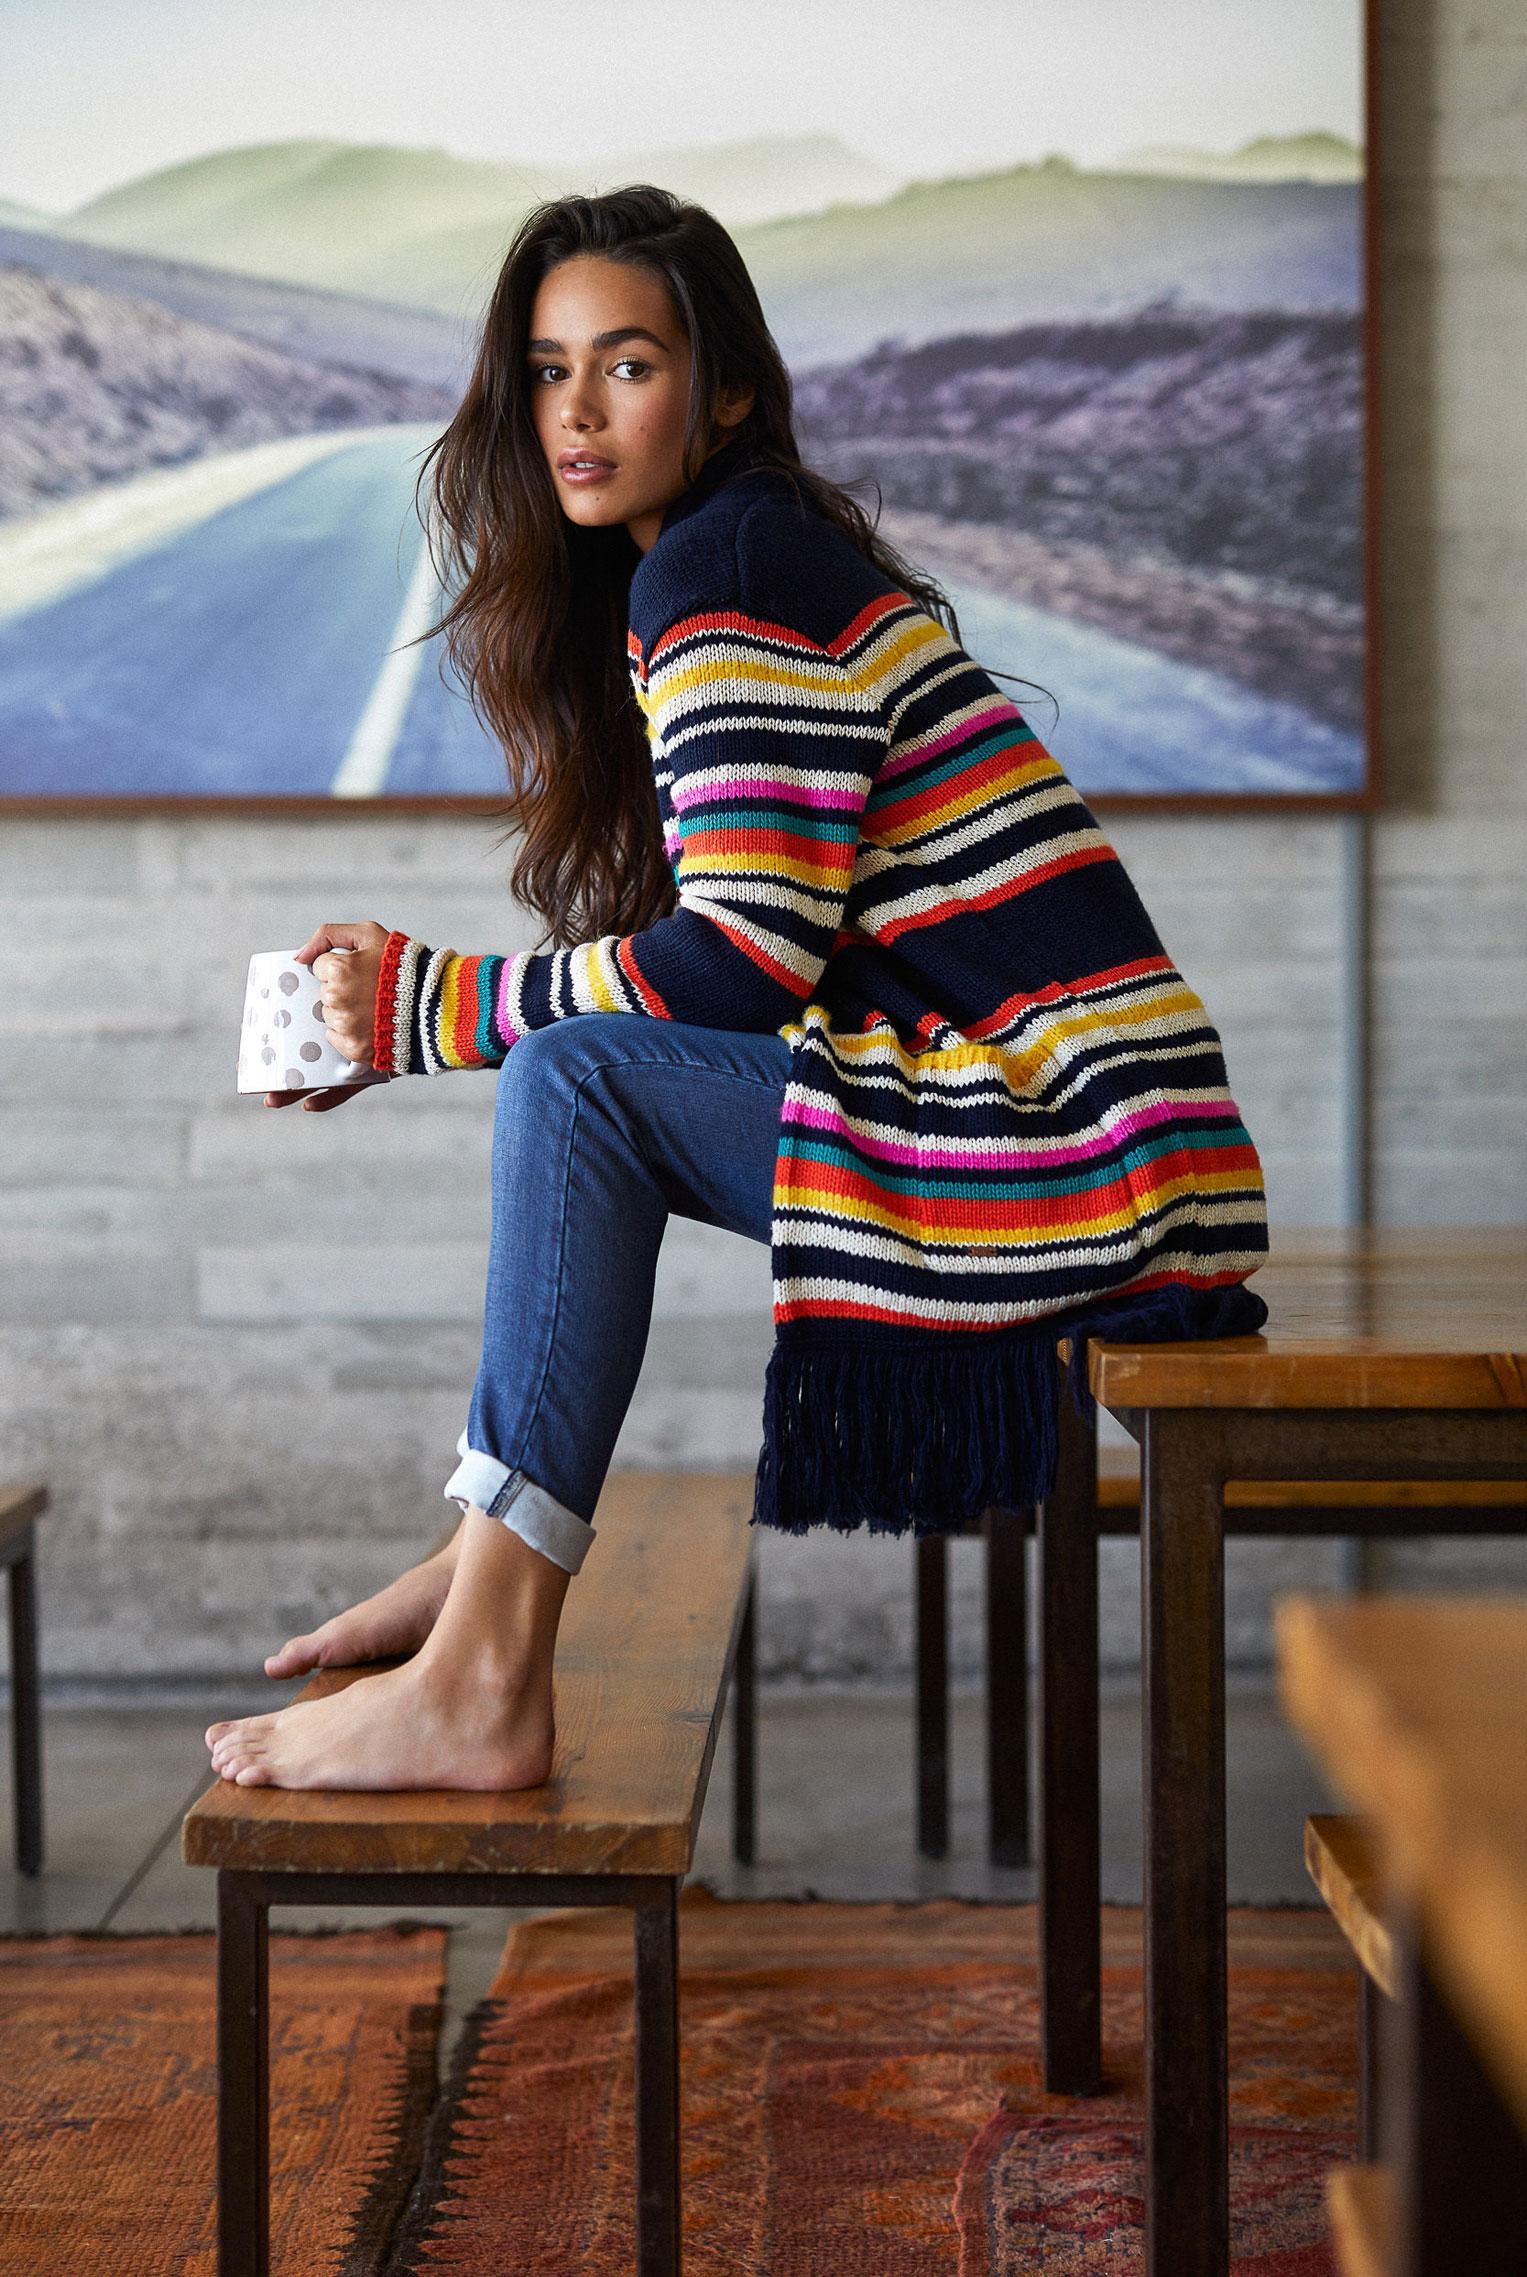 Наринэ Матецкая в модной одежде BananaMoon, коллекция осень/зима 2019/20 / фото 06